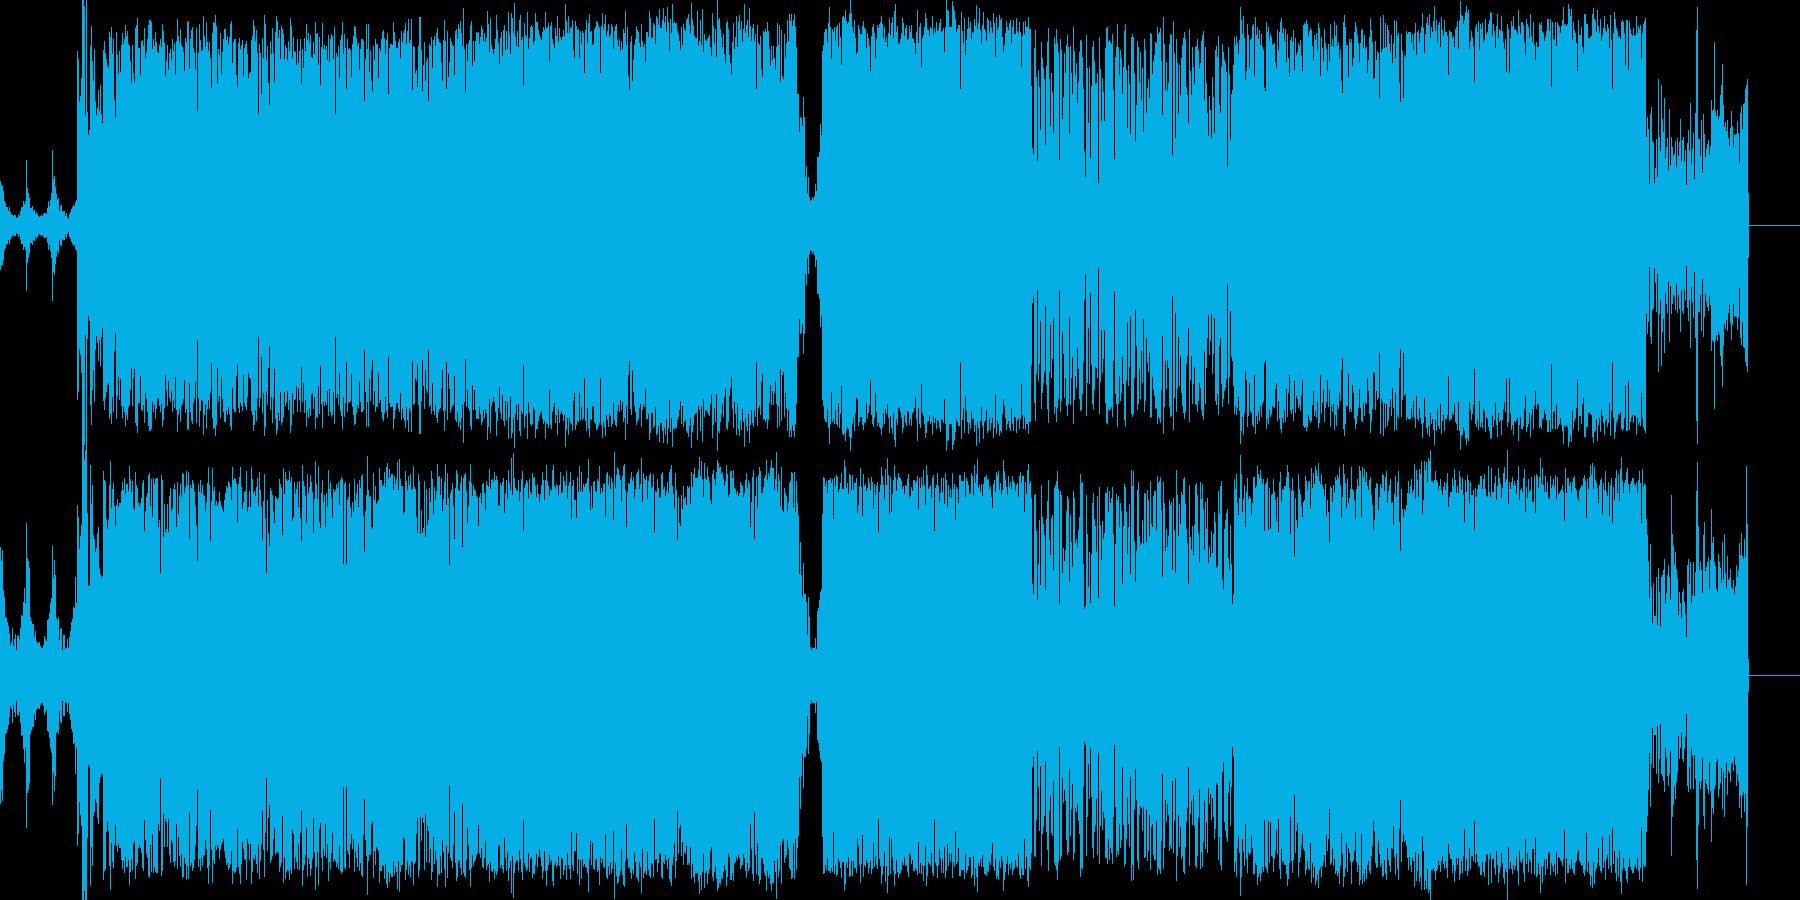 SFや近未来をイメージしたテクノサウンドの再生済みの波形